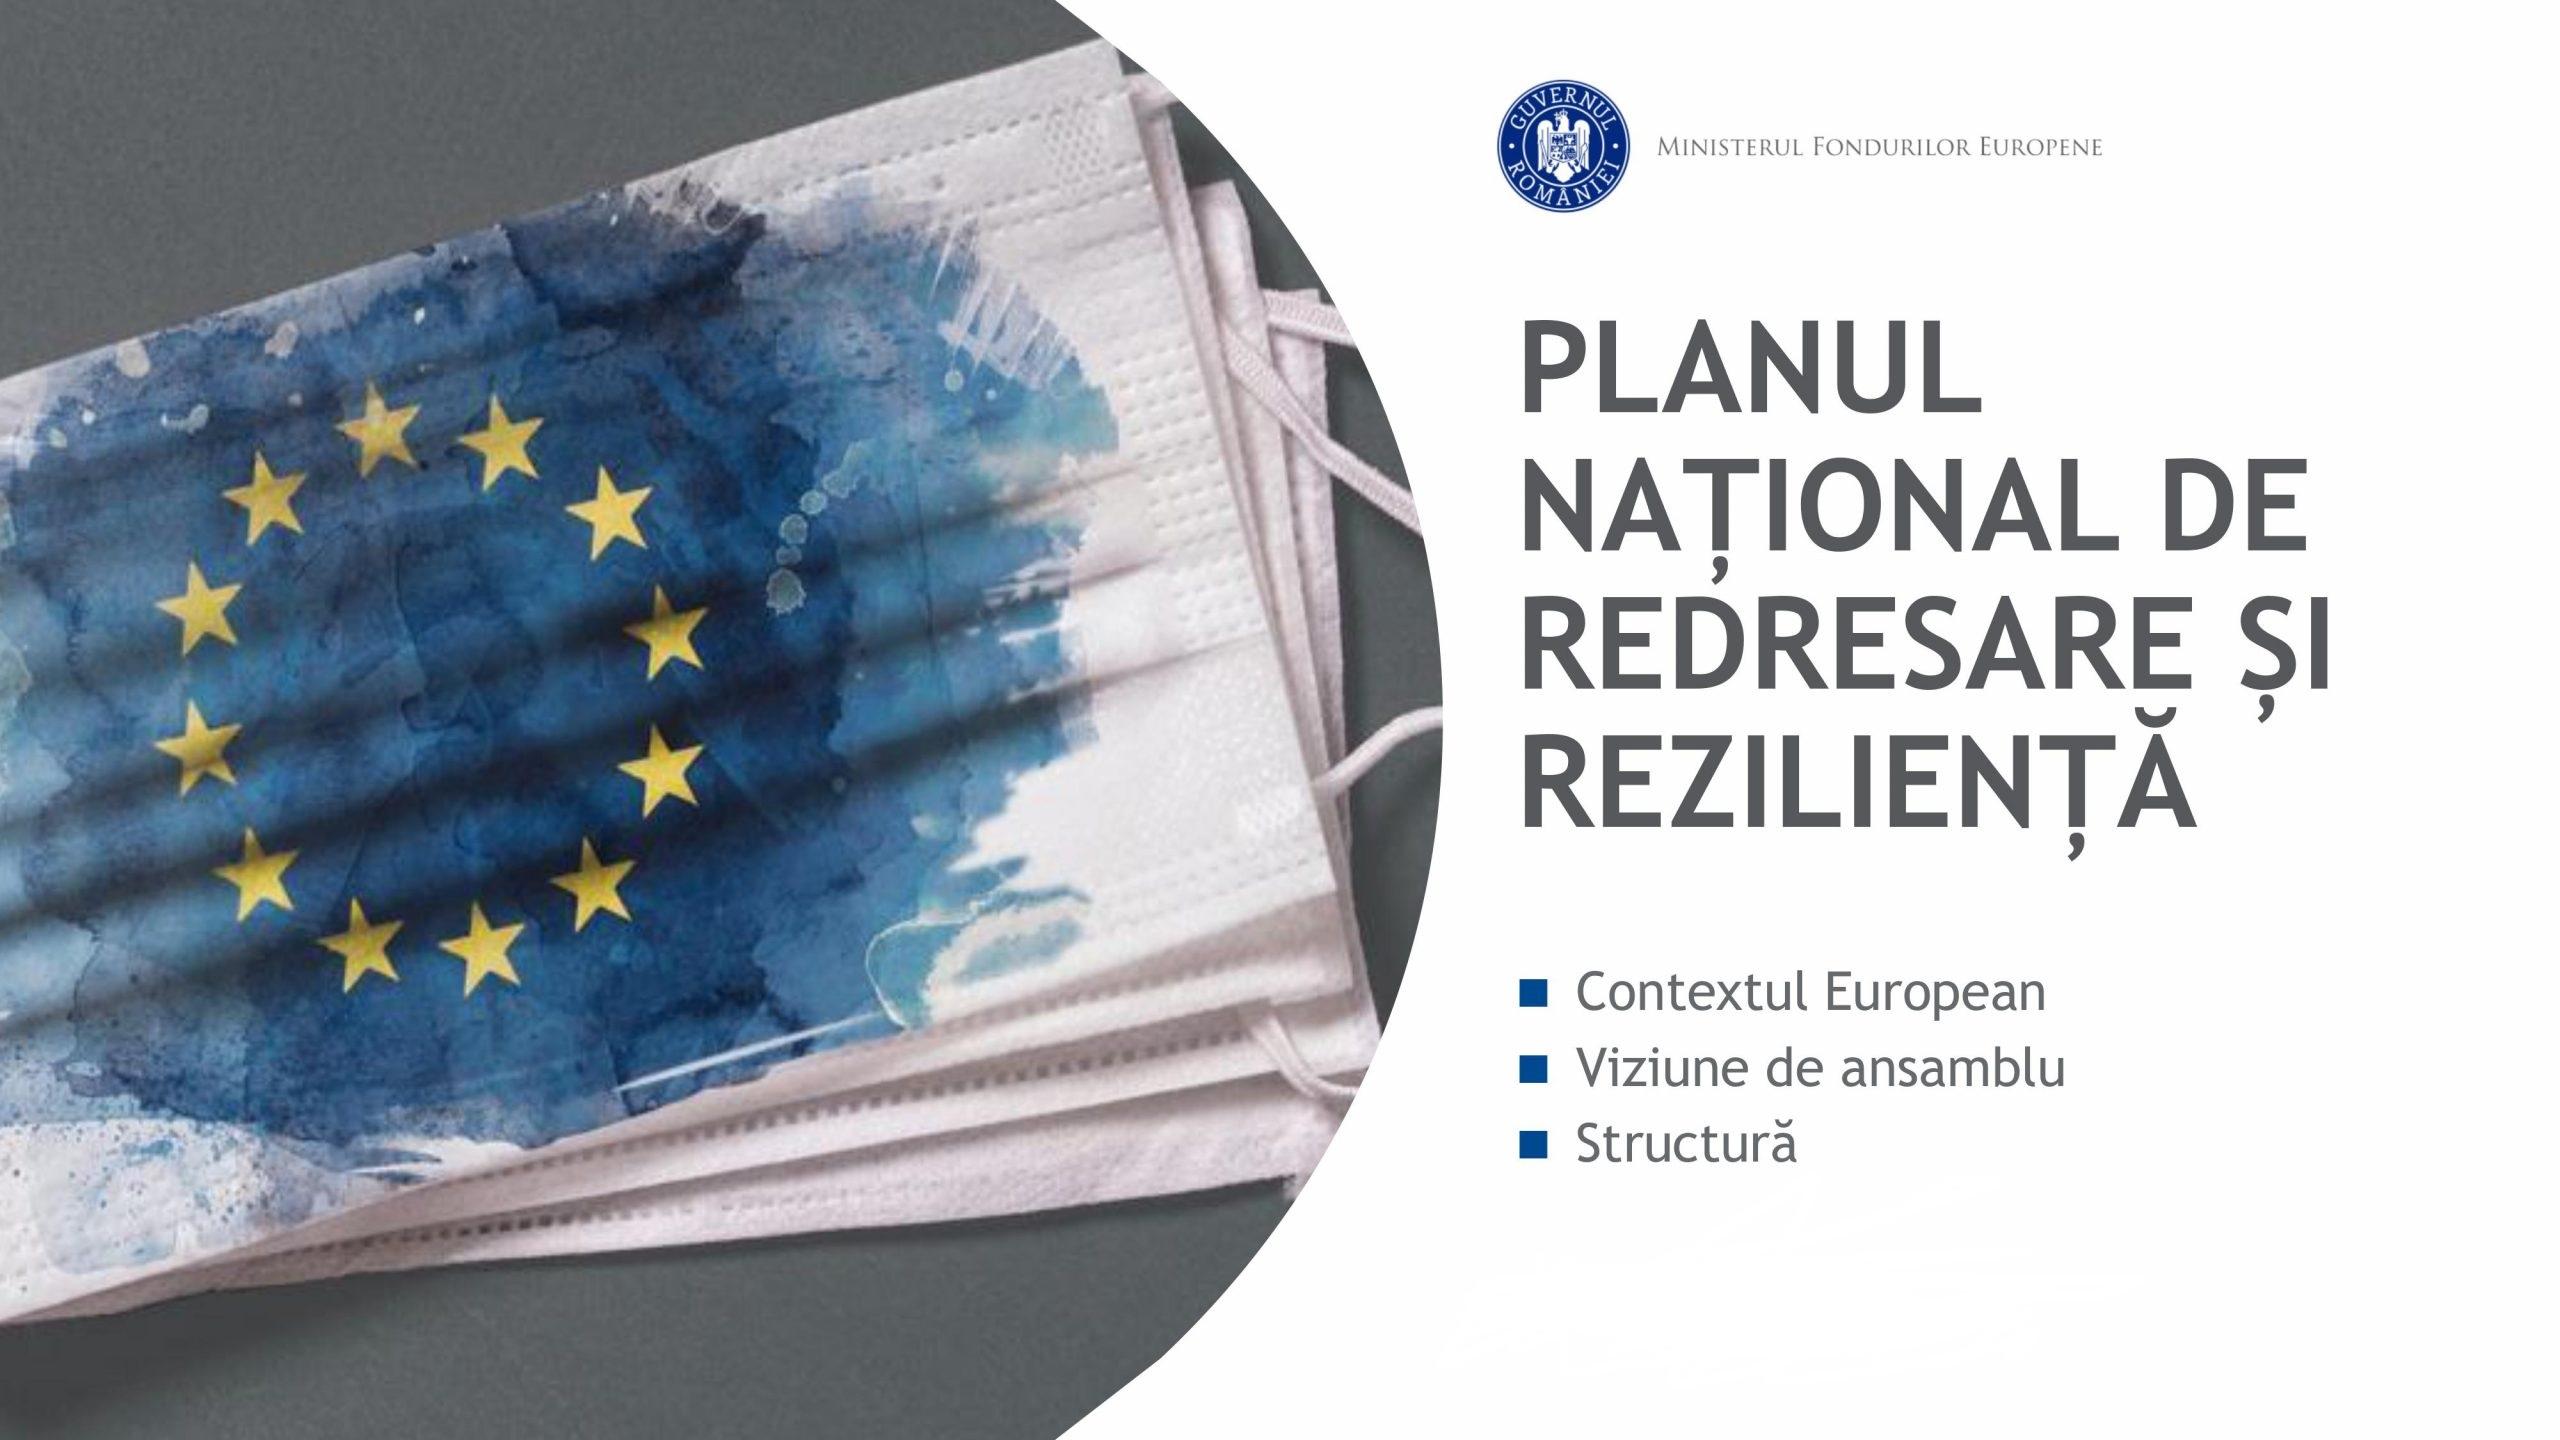 Șișcu: Nu e cazul să petrecem, PNRR nu este un cadou, ci o responsabilitate uriașă spre dezvoltare